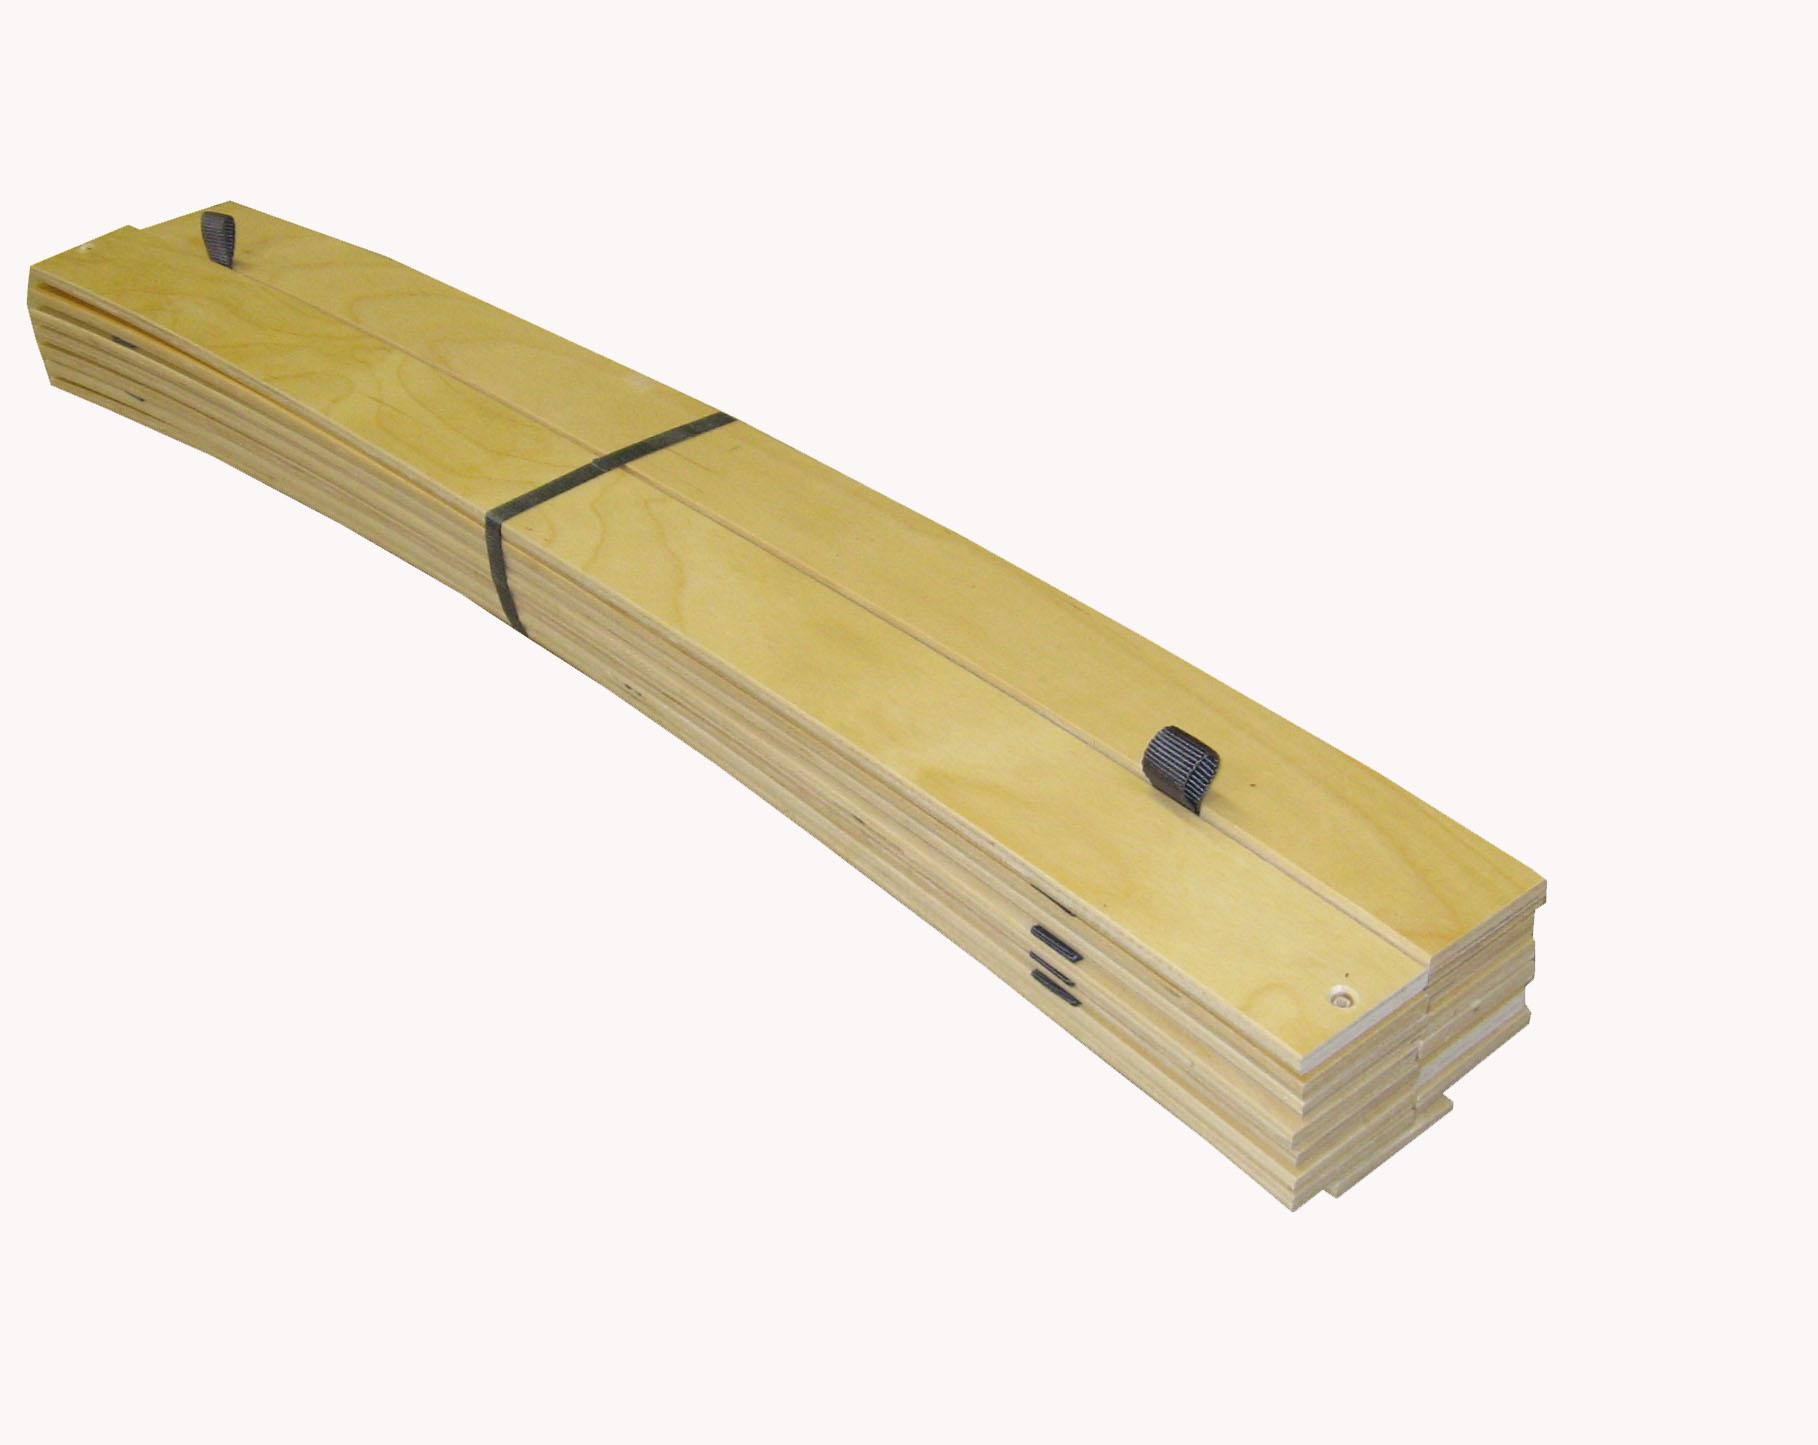 Full Size of Futonbett Einzelbett 100x200 Massivholzbett Kiefer Wei Mit Bett Weiß Betten Wohnzimmer Futonbett 100x200